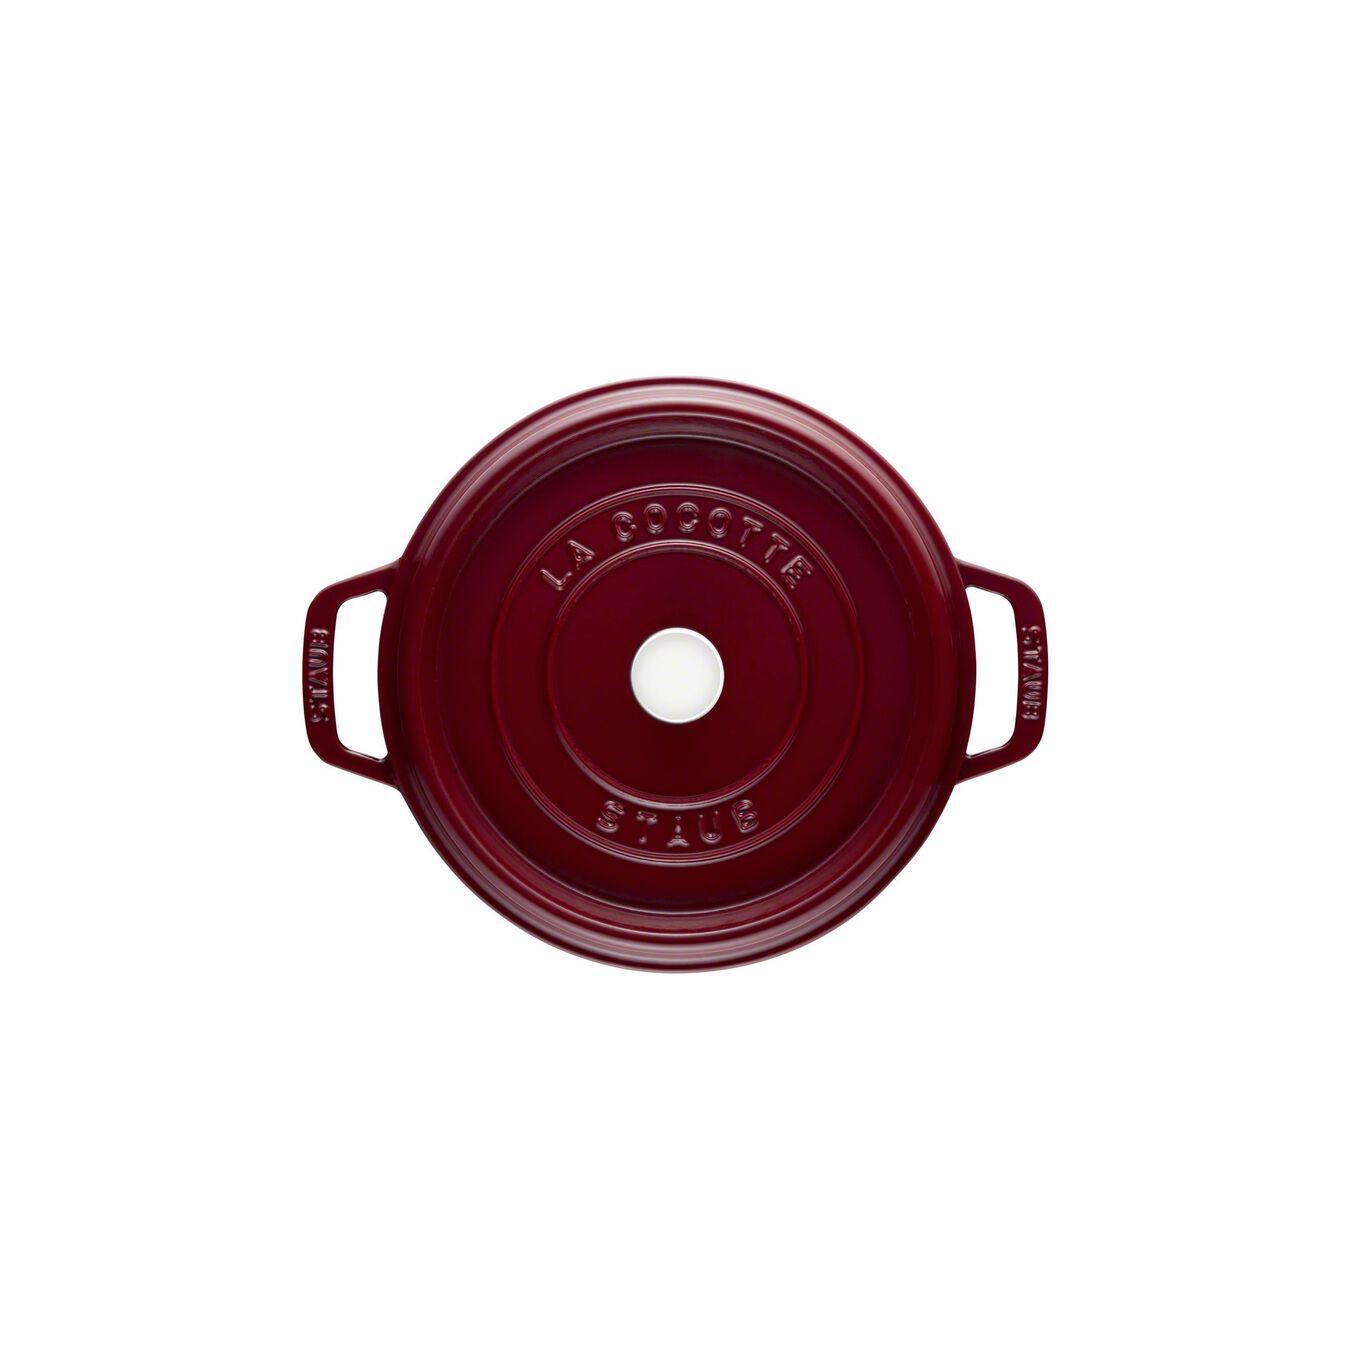 Cocotte 18 cm, rund, Bordeaux, Gusseisen,,large 7